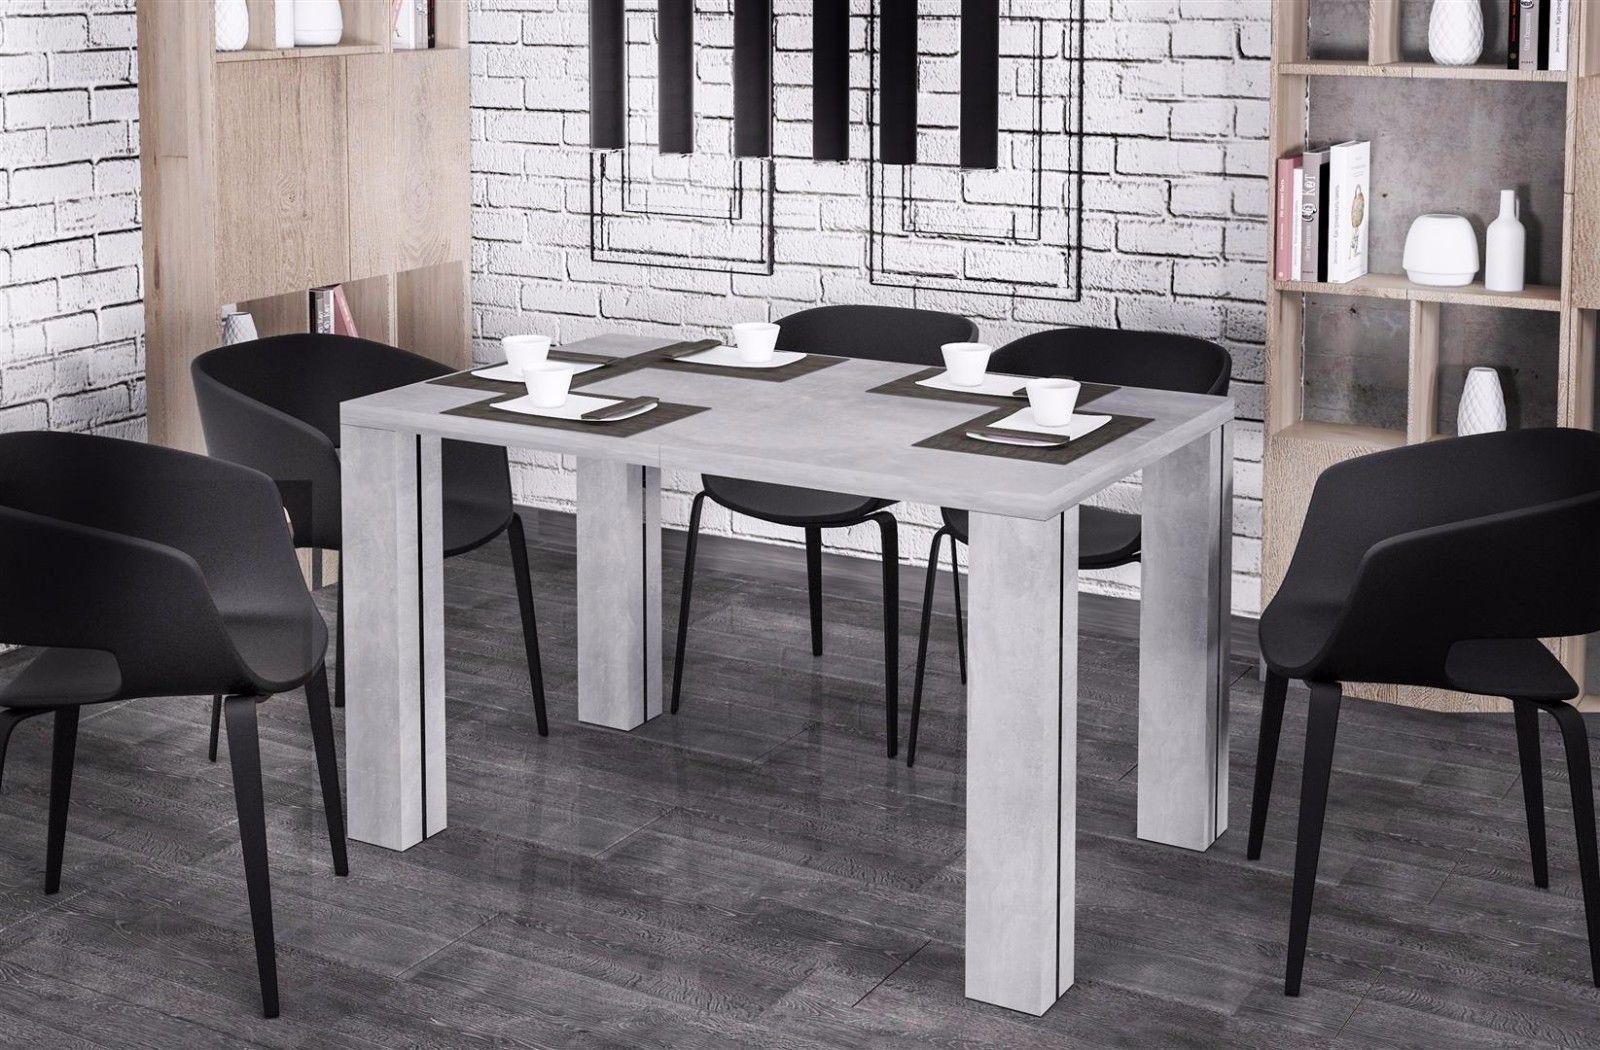 Inspirierend Esstisch Küche Dekoration Von Hochwertiger 130-265 Cm Beton Esszimmertisch Küche Auszug